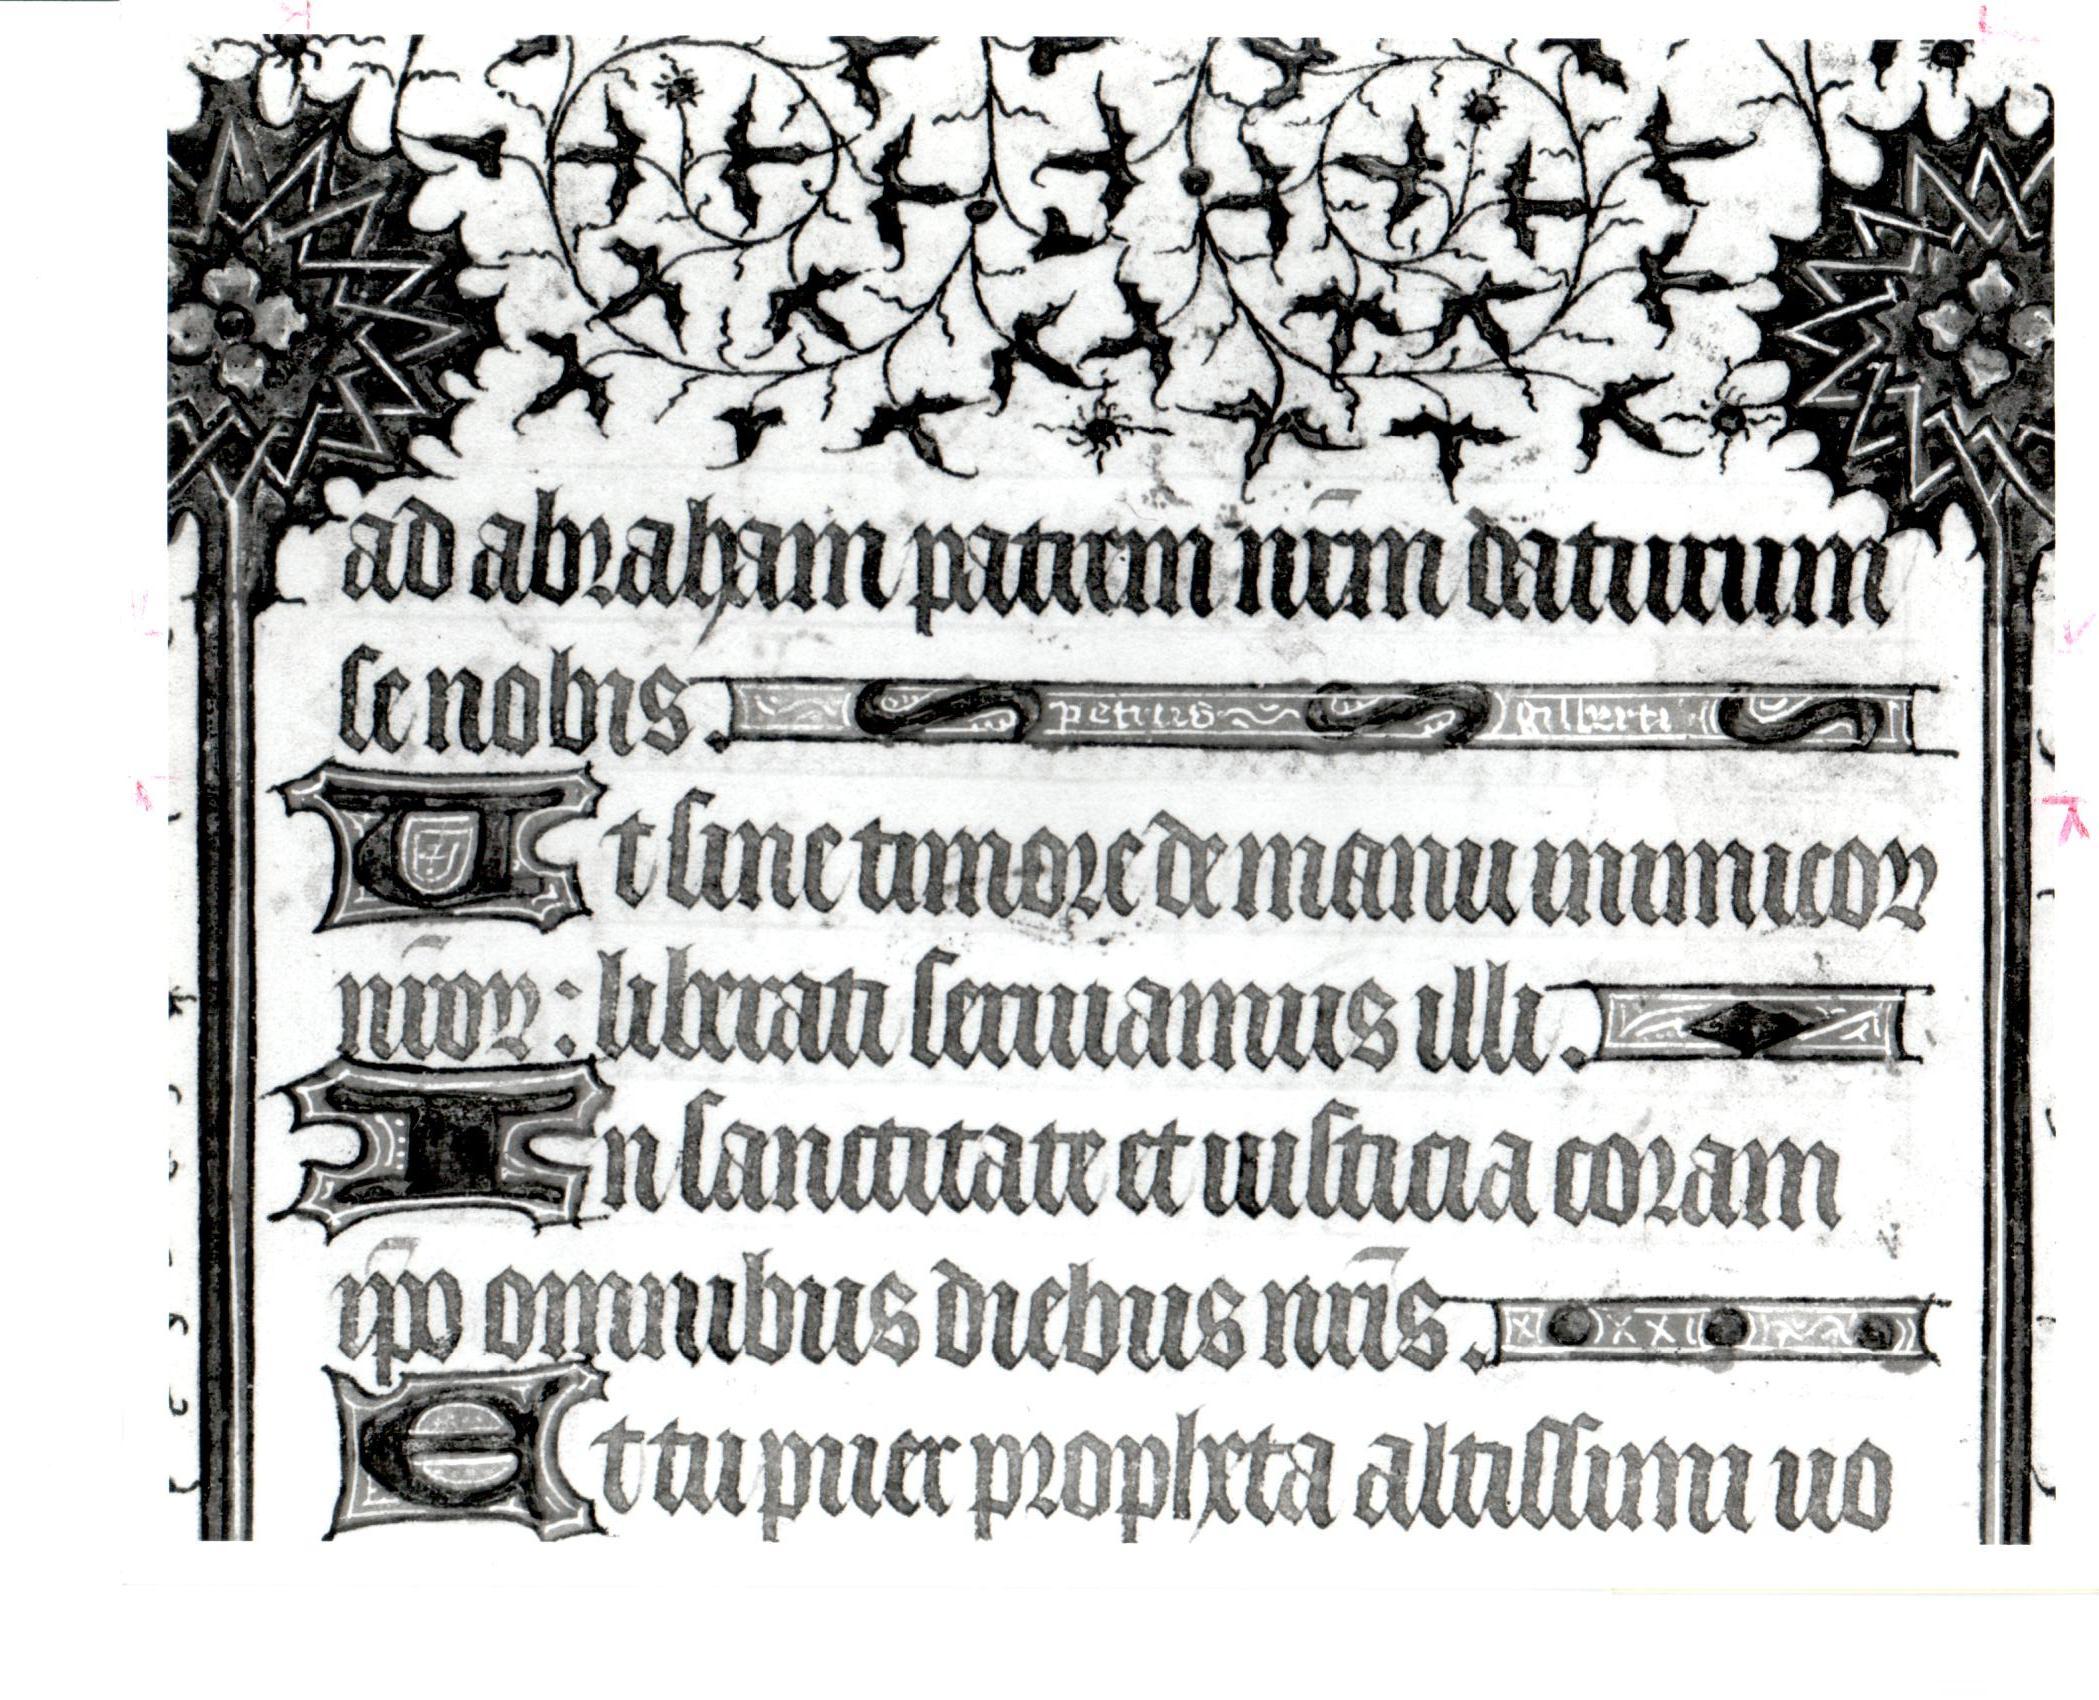 Beinecke MS 400, f. 102v